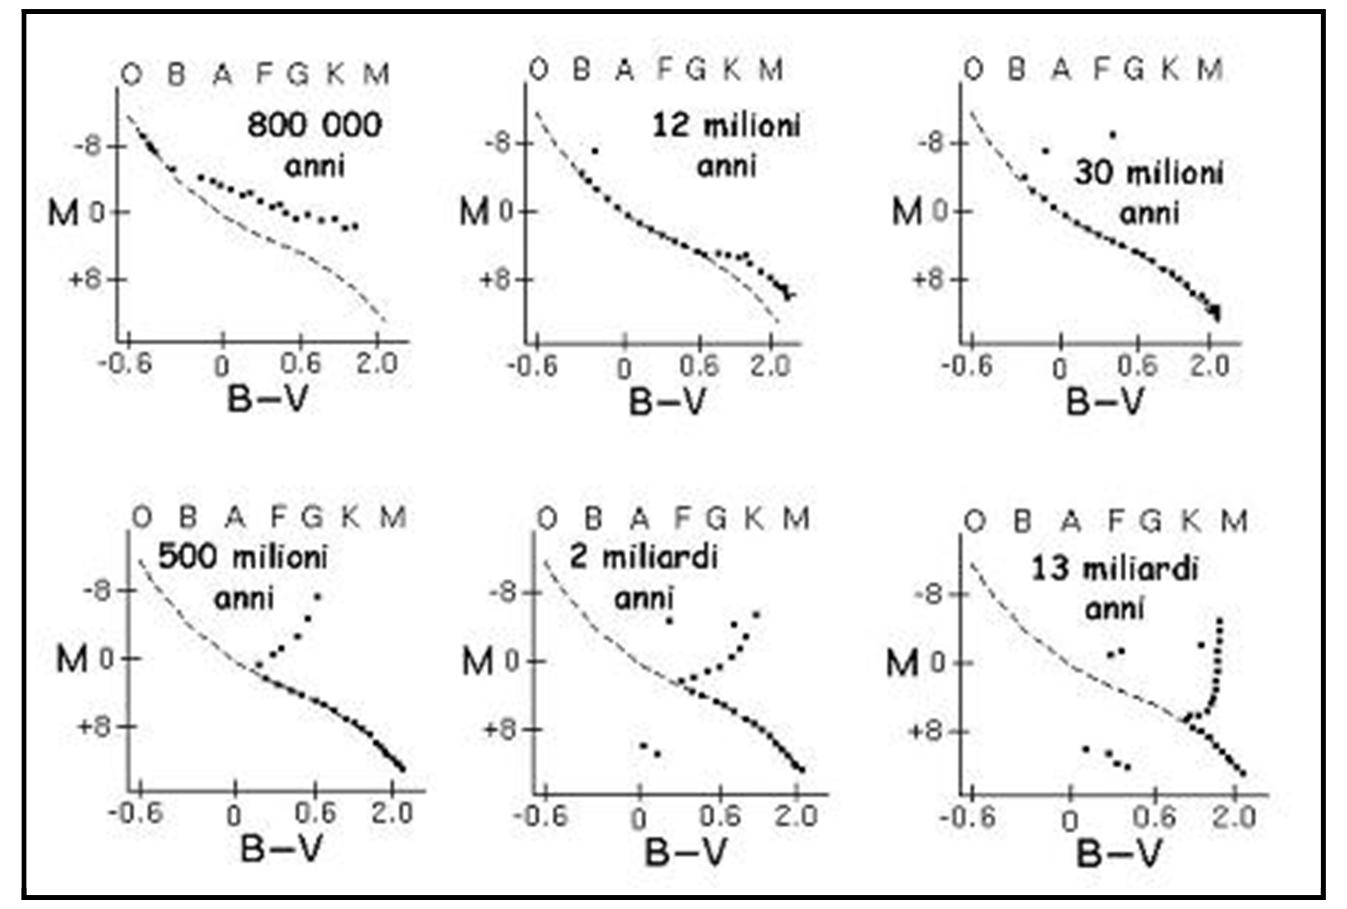 Figura 7. Il primo diagramma in alto a destra è giovanissimo: molte stelle devono ancora arrivare nella sequenza principale. Nella seconda, vi sono ancora stelle di pre-sequenza, mentre la prima gigante sta lasciando la sequenza principale. Nella terza, tutte le stelle sono entrate in società e quelle che ne escono aumentano. Questi tre diagrammi sono tipici degli ammassi aperti (molto giovani). Nella parte bassa, si vedono ammassi sempre più vecchi (gli ultimi due globulari). Nell'ultimo siamo a 13 miliardi di anni e in sequenza principale sono restate le nane rosse...